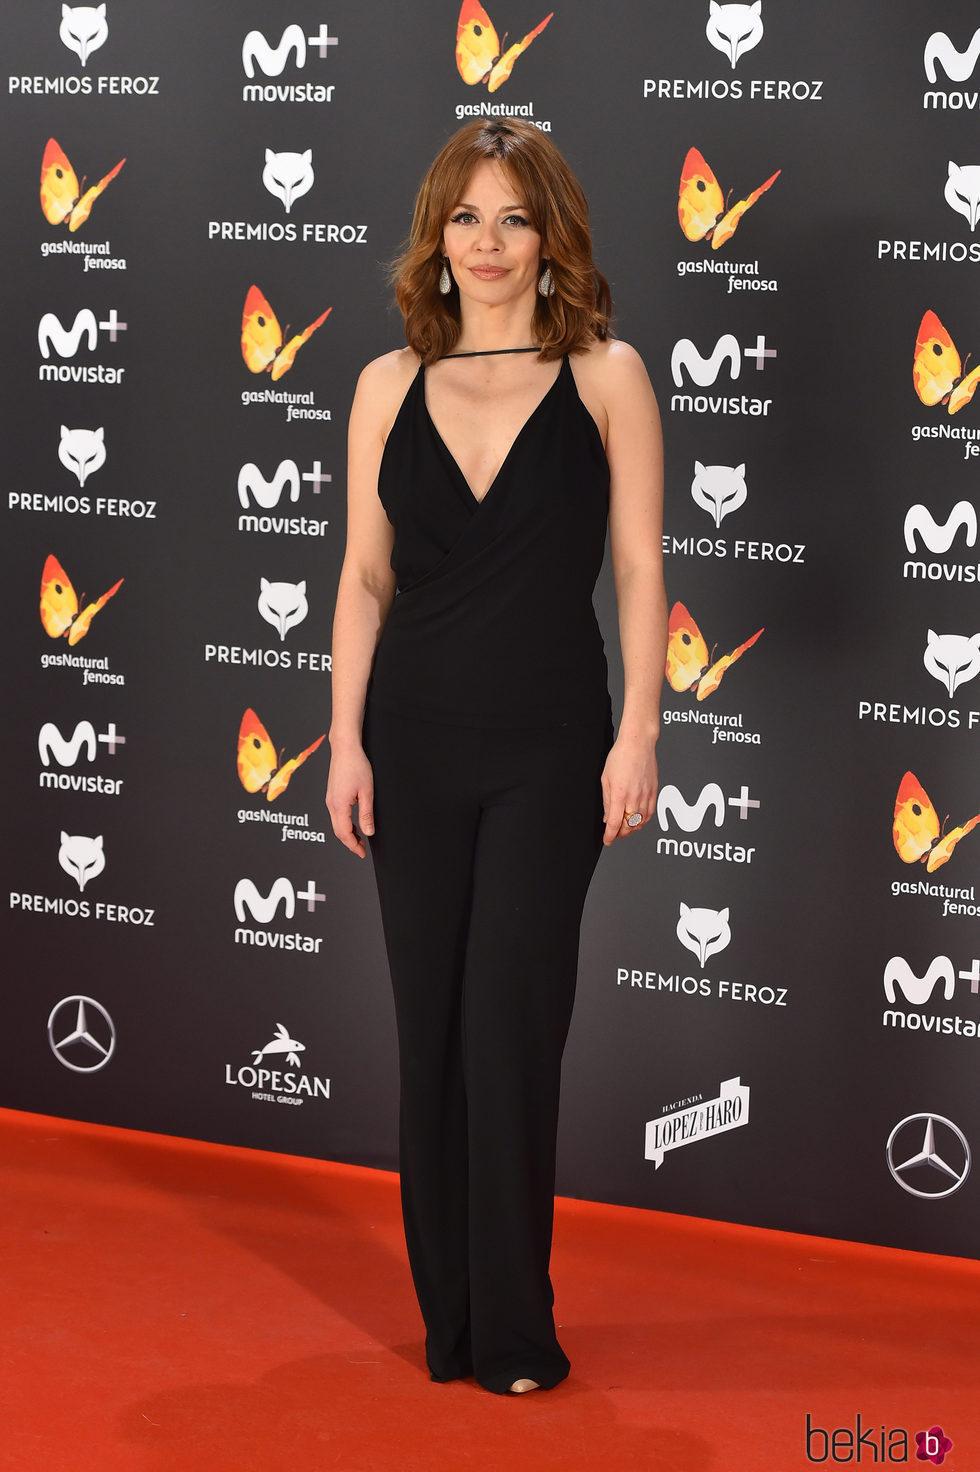 María Adánez en la alfombra roja de los Premios Feroz 2017